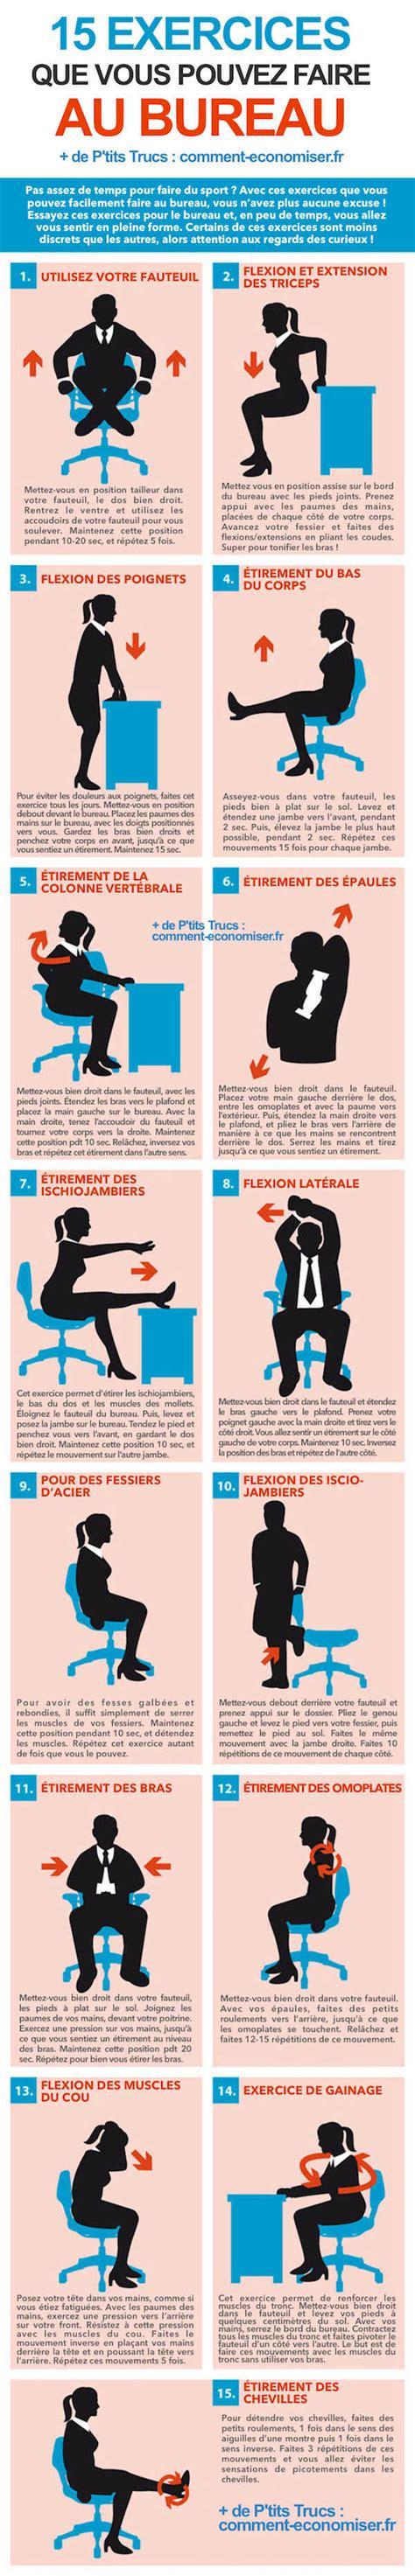 exercices au bureau 15 exercices faciles à faire au bureau ni vu ni connu